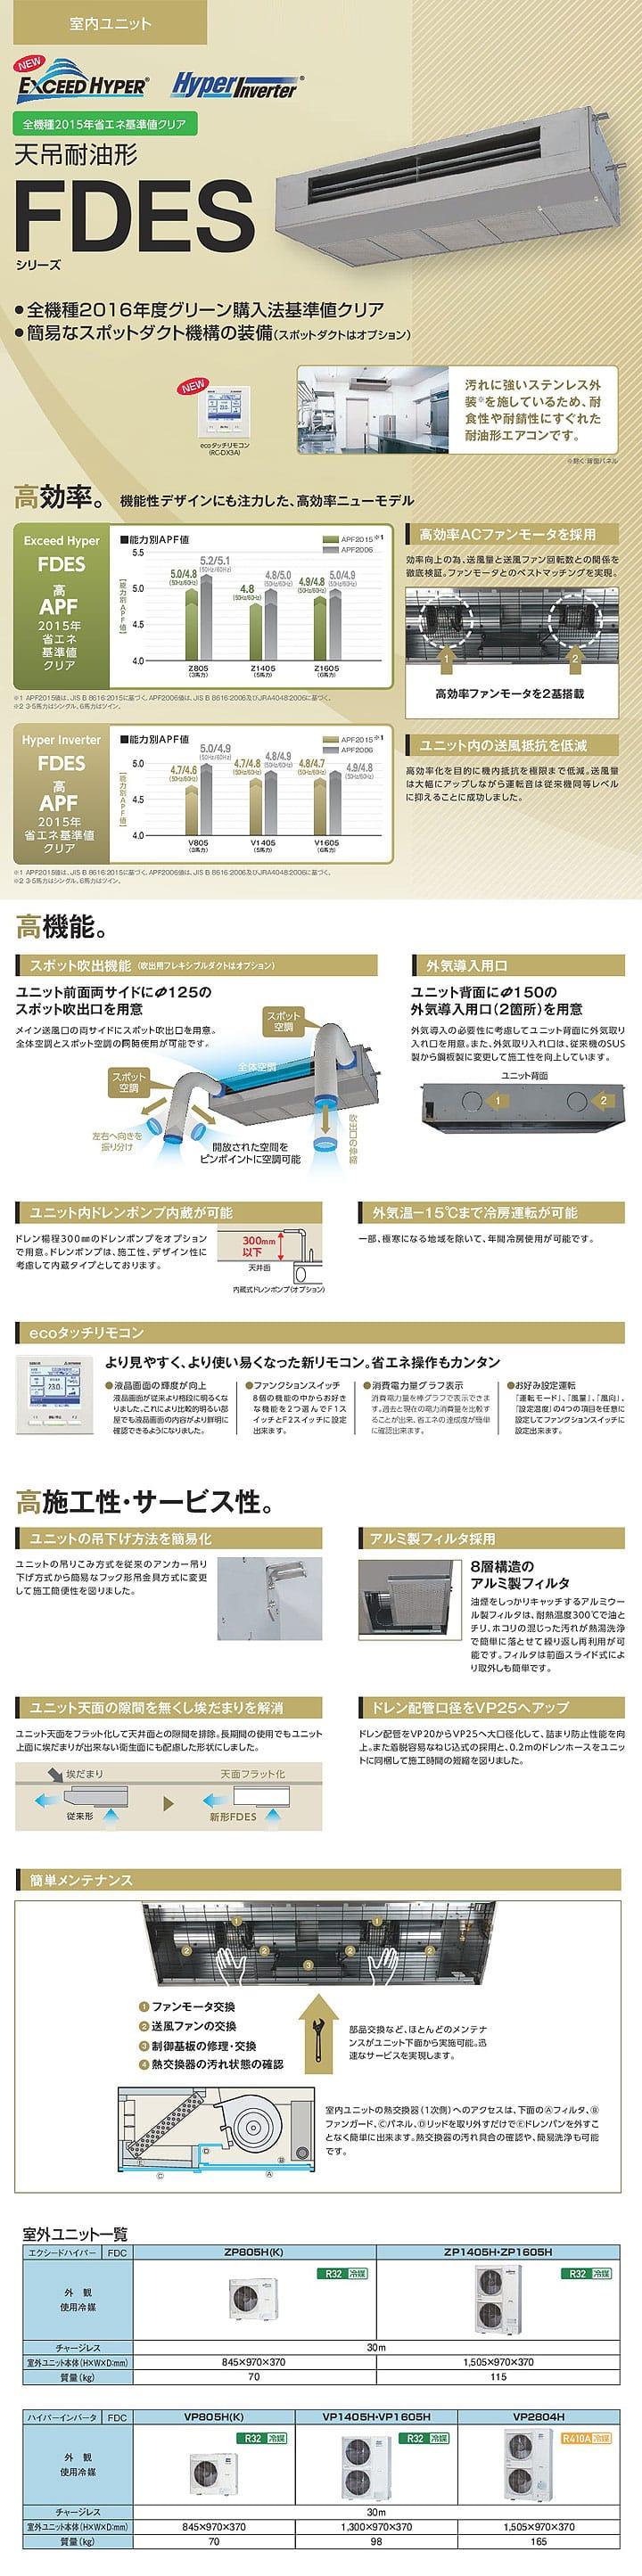 三菱重工 FDESZ1605HP4B 業務用エアコン